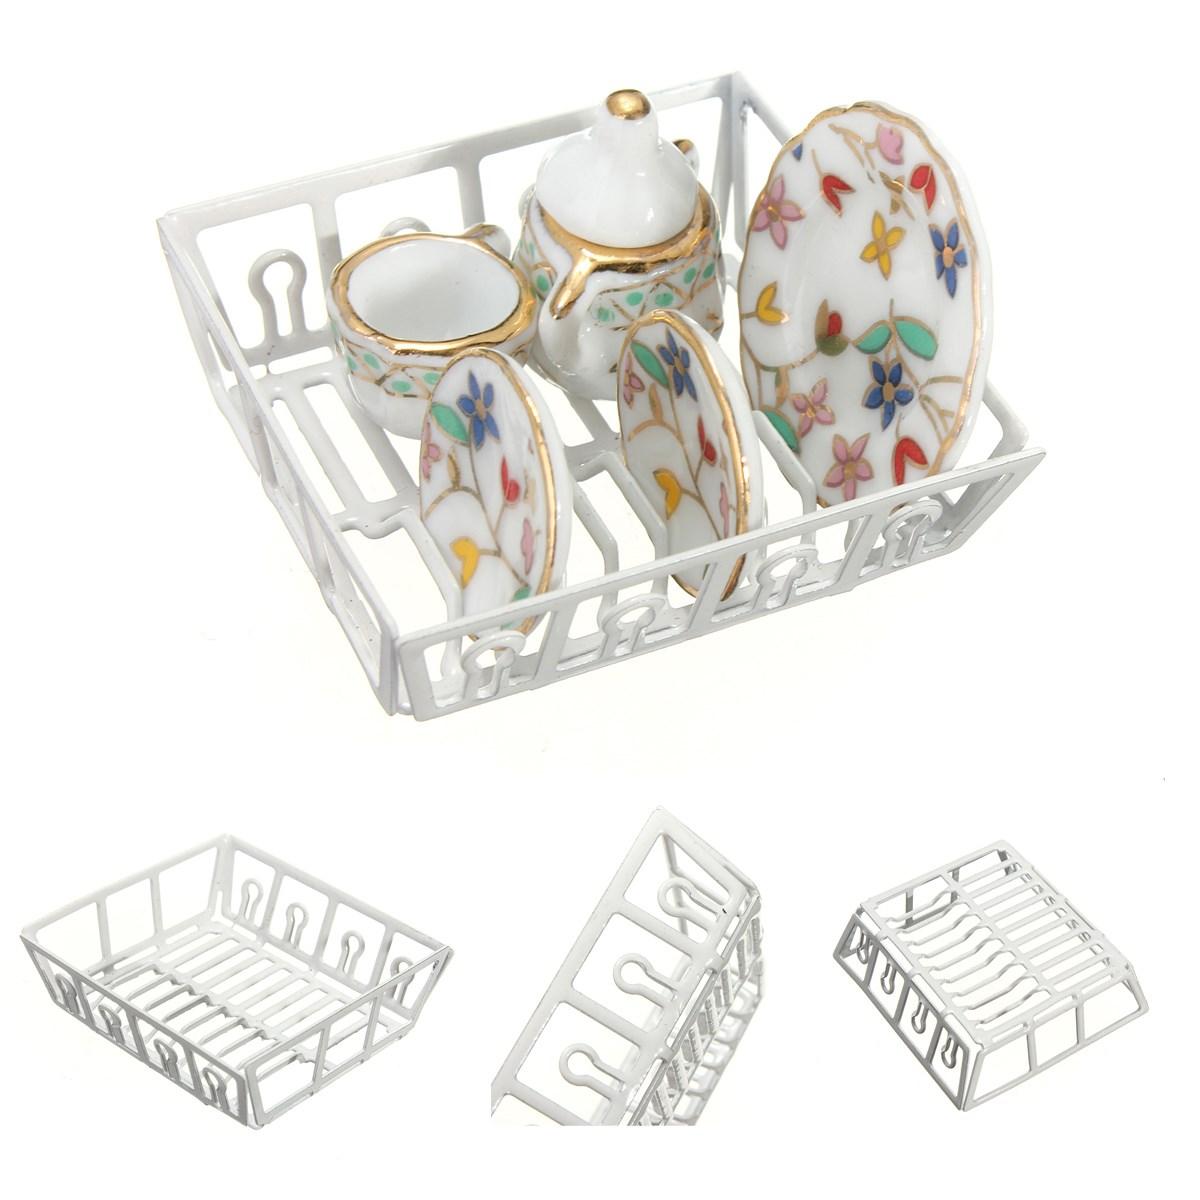 Детская игрушечная мебель Brand new 1/12 Dollhouse Dish Rack детская мебель